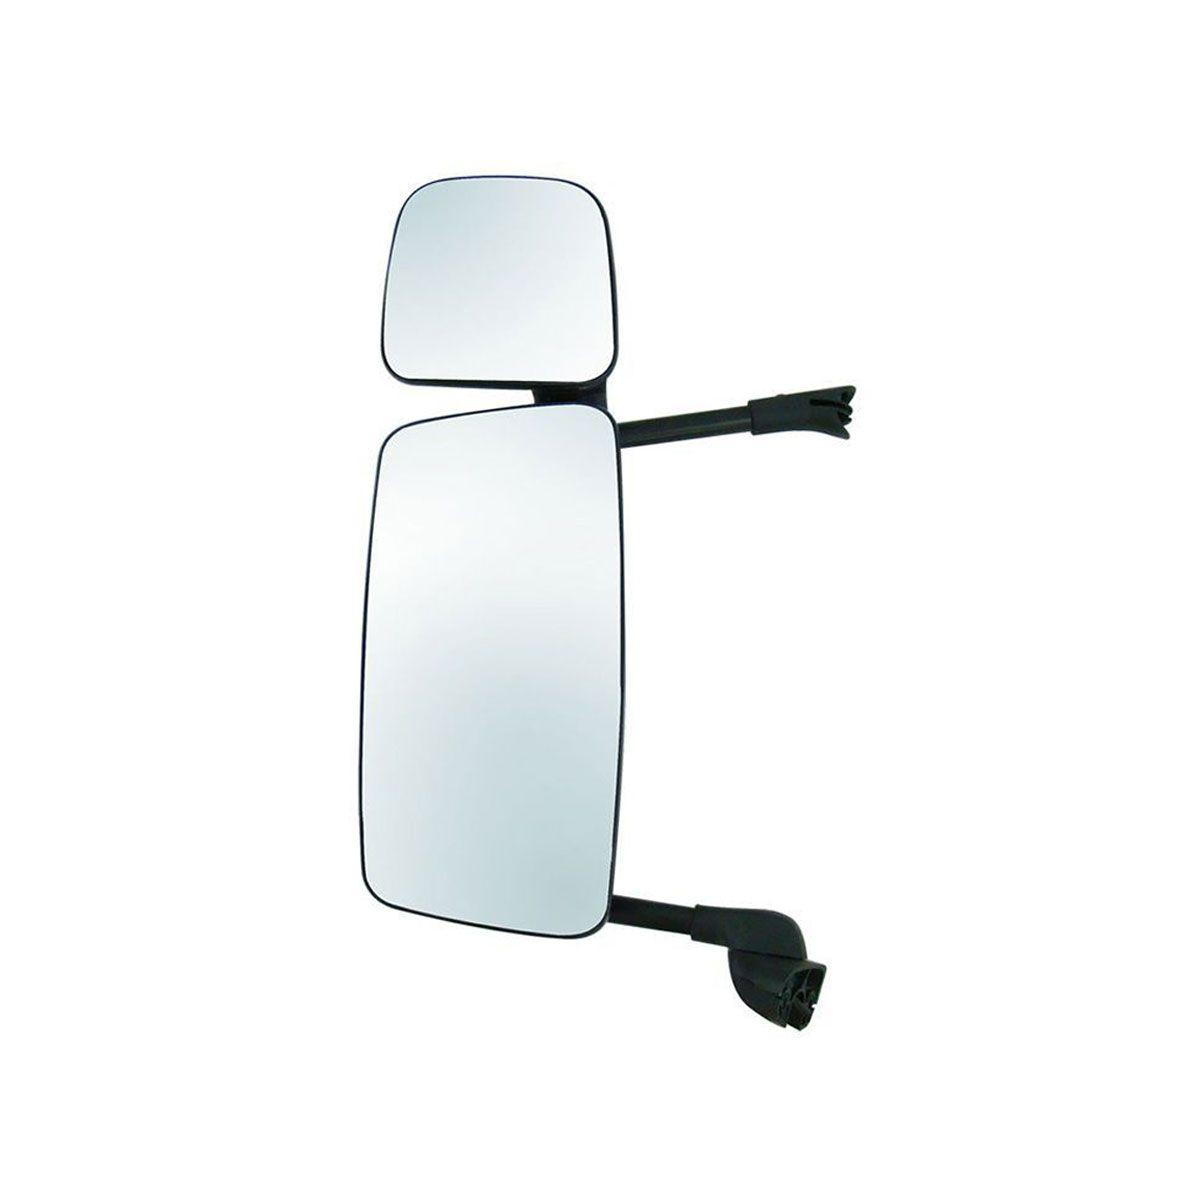 Espelho Completo S5 Economico Lado Esquerdo com Auxilar e com Desembaçador 1484041